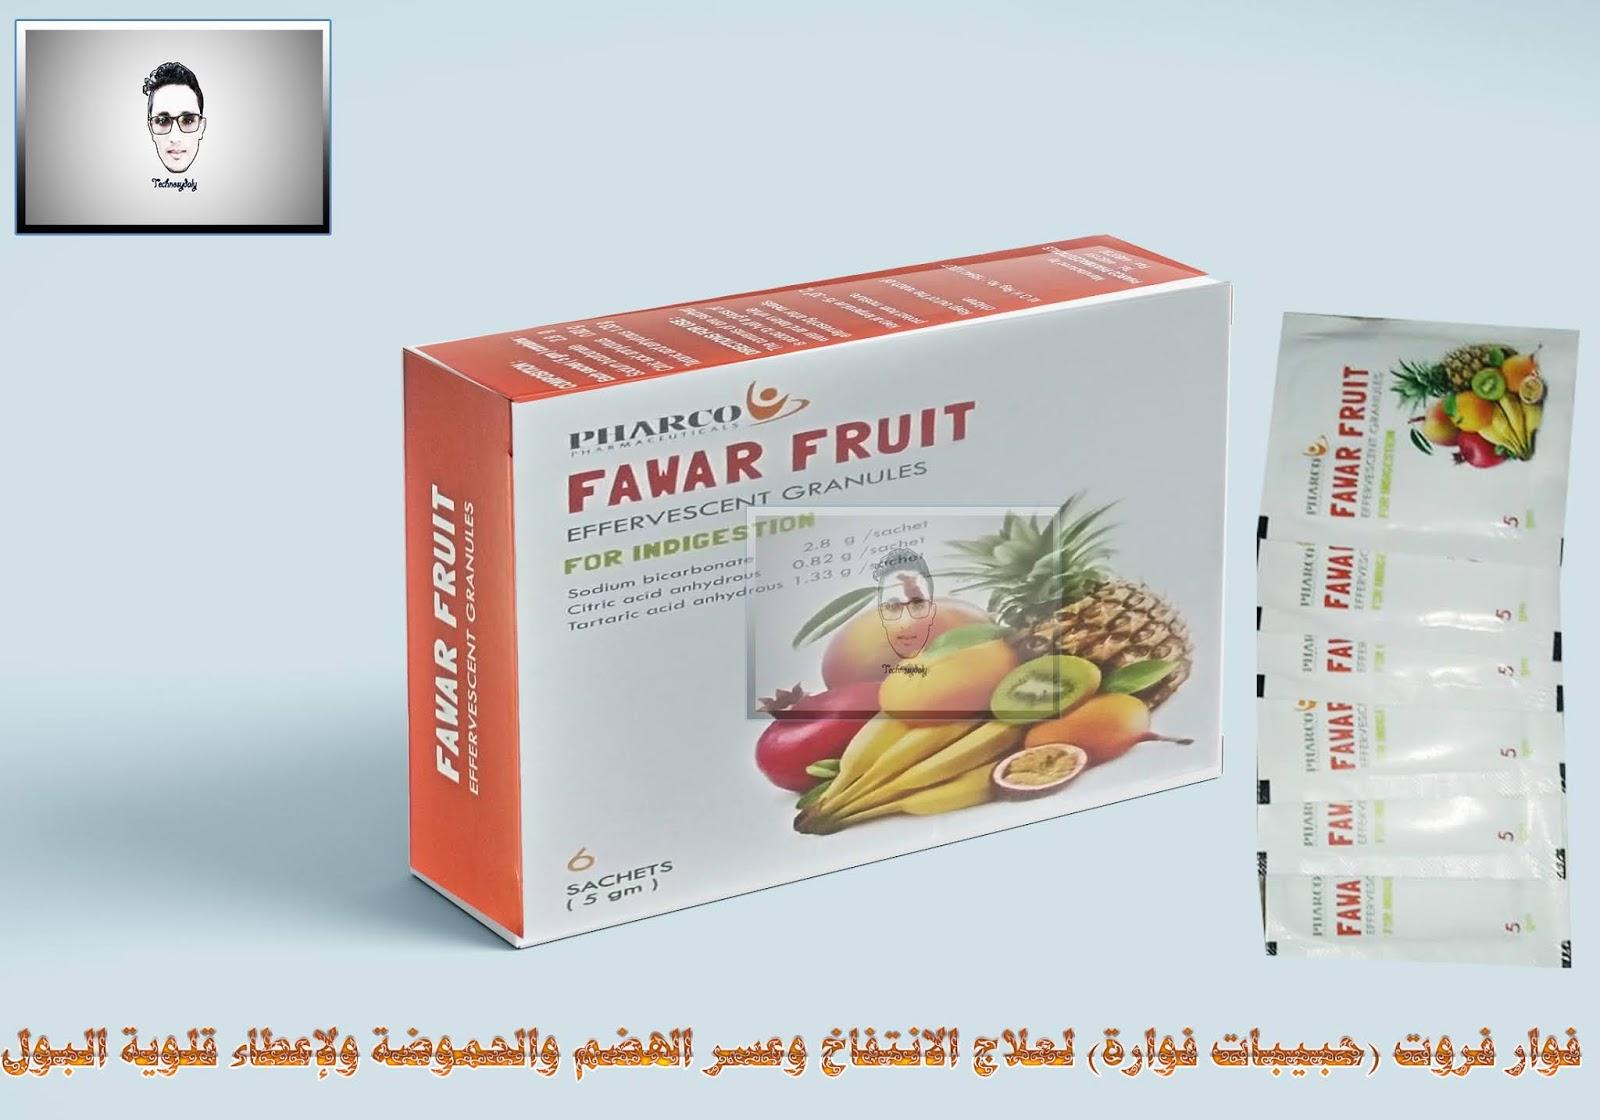 فوار فروت (حبيبات فوارة) لعلاج الانتفاخ وعسر الهضم والحموضة ولإعطاء قلوية البول